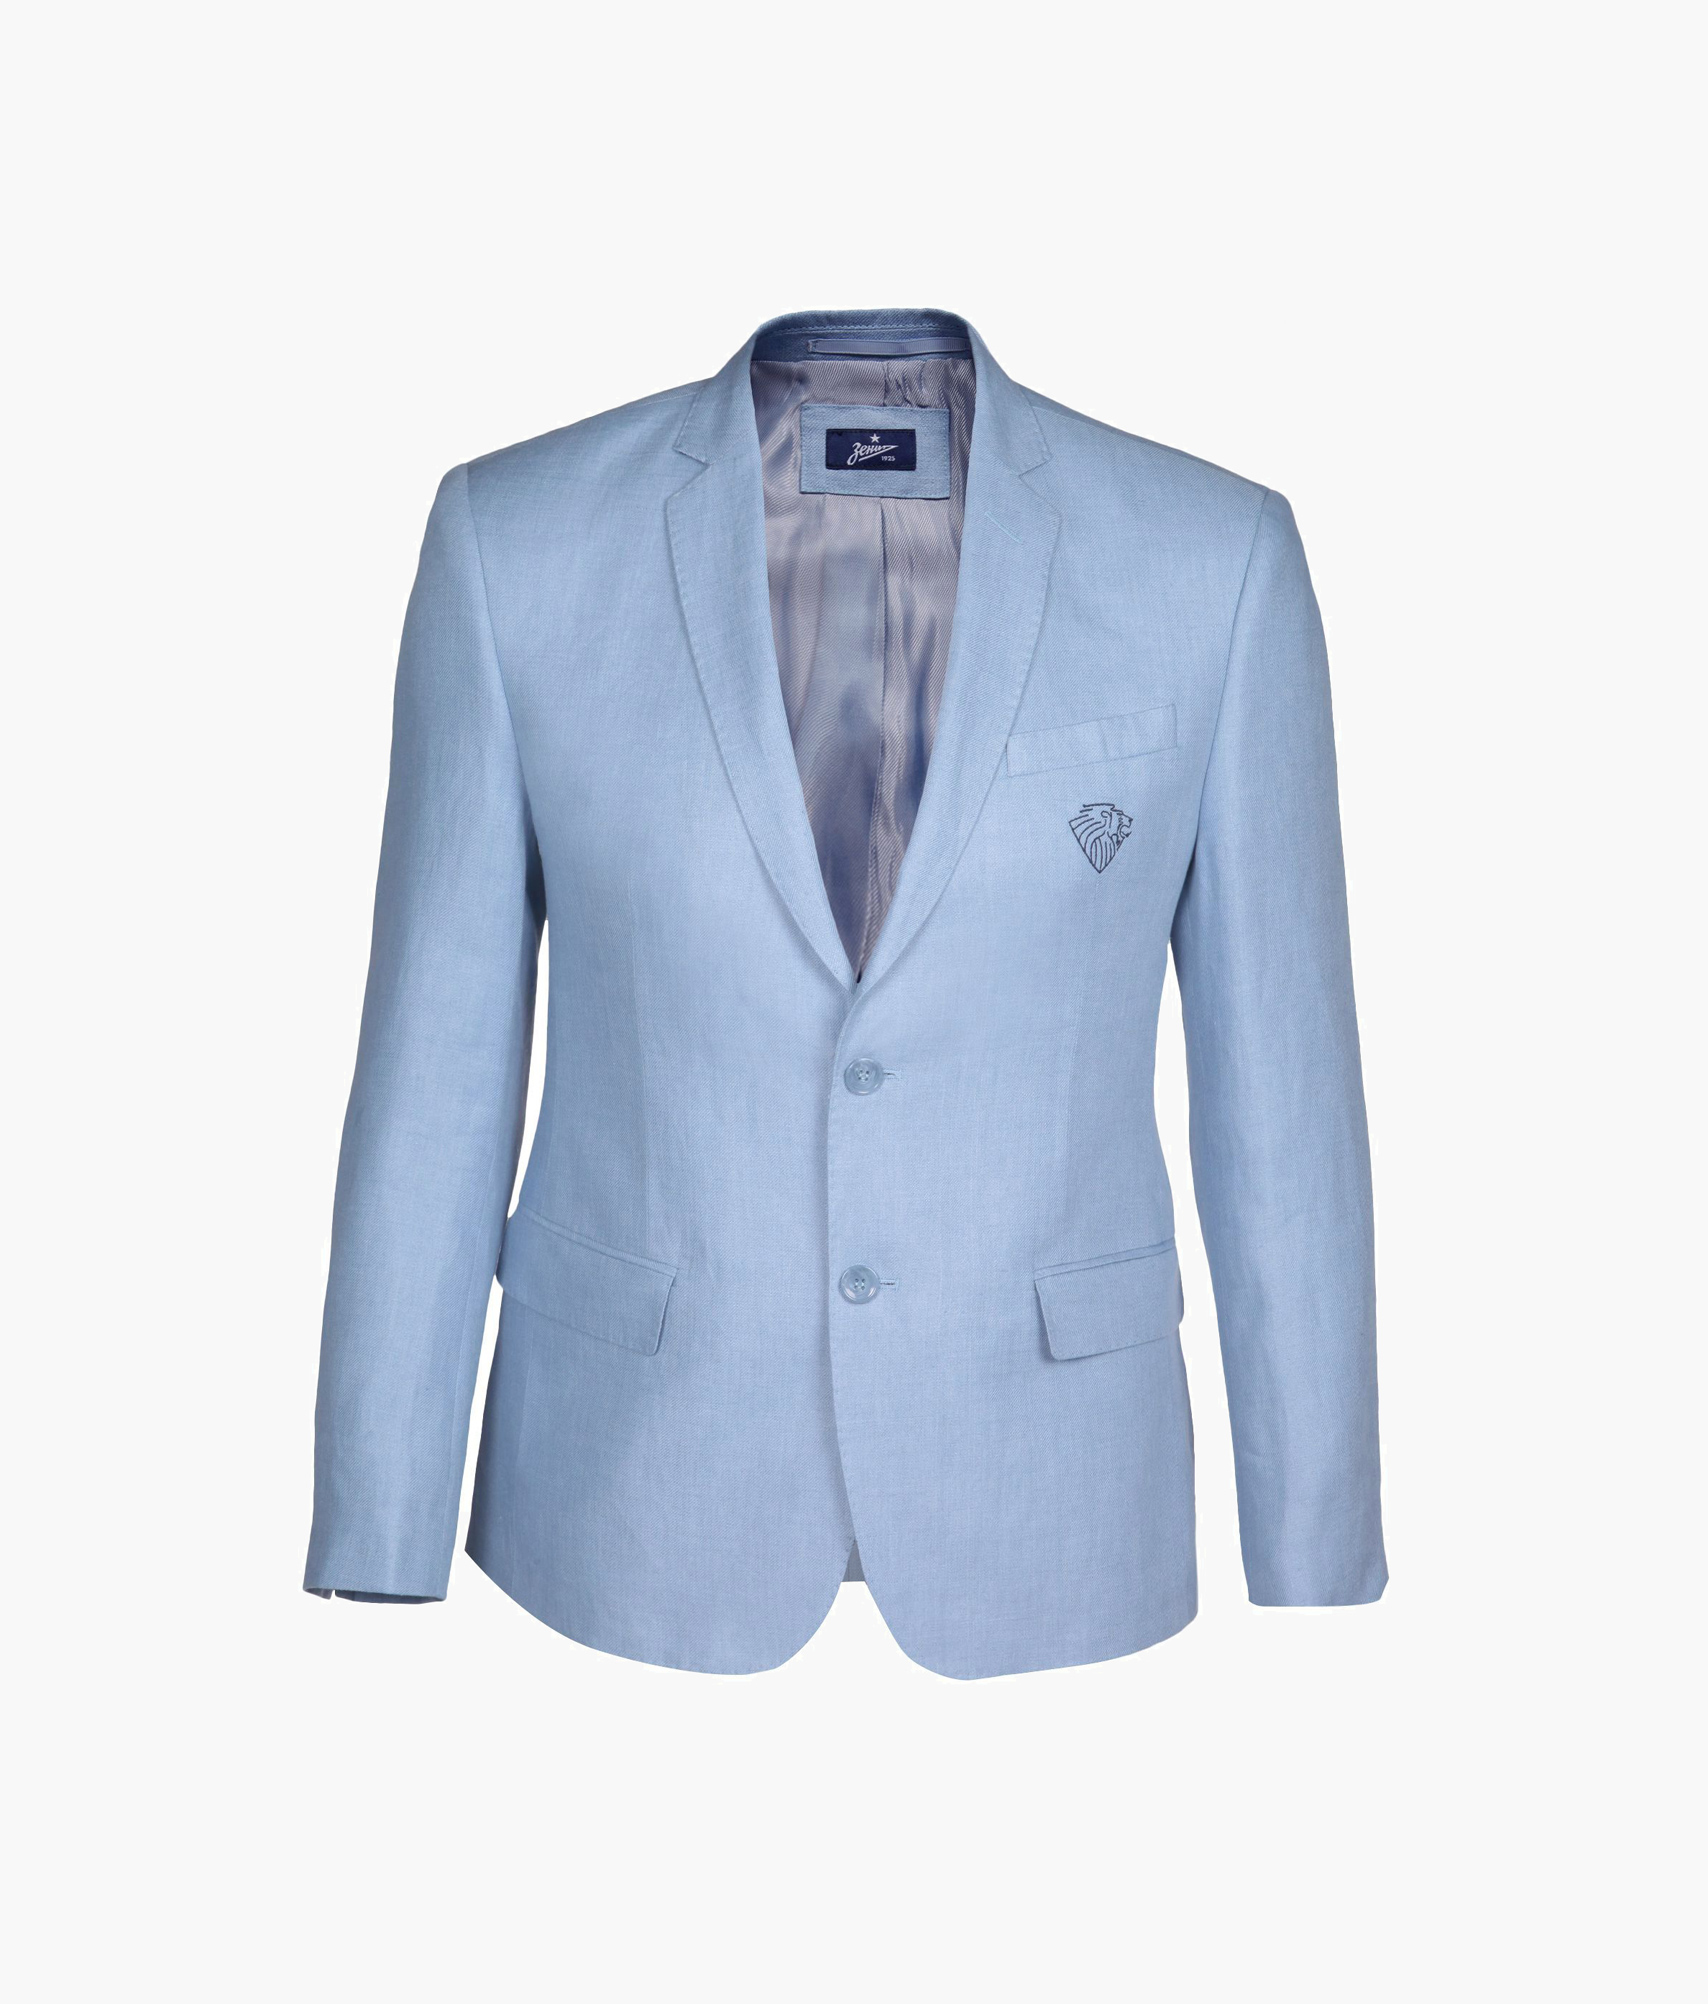 Пиджак мужской , Цвет-Голубой, Размер-96-176 tms320f28335 tms320f28335ptpq lqfp 176